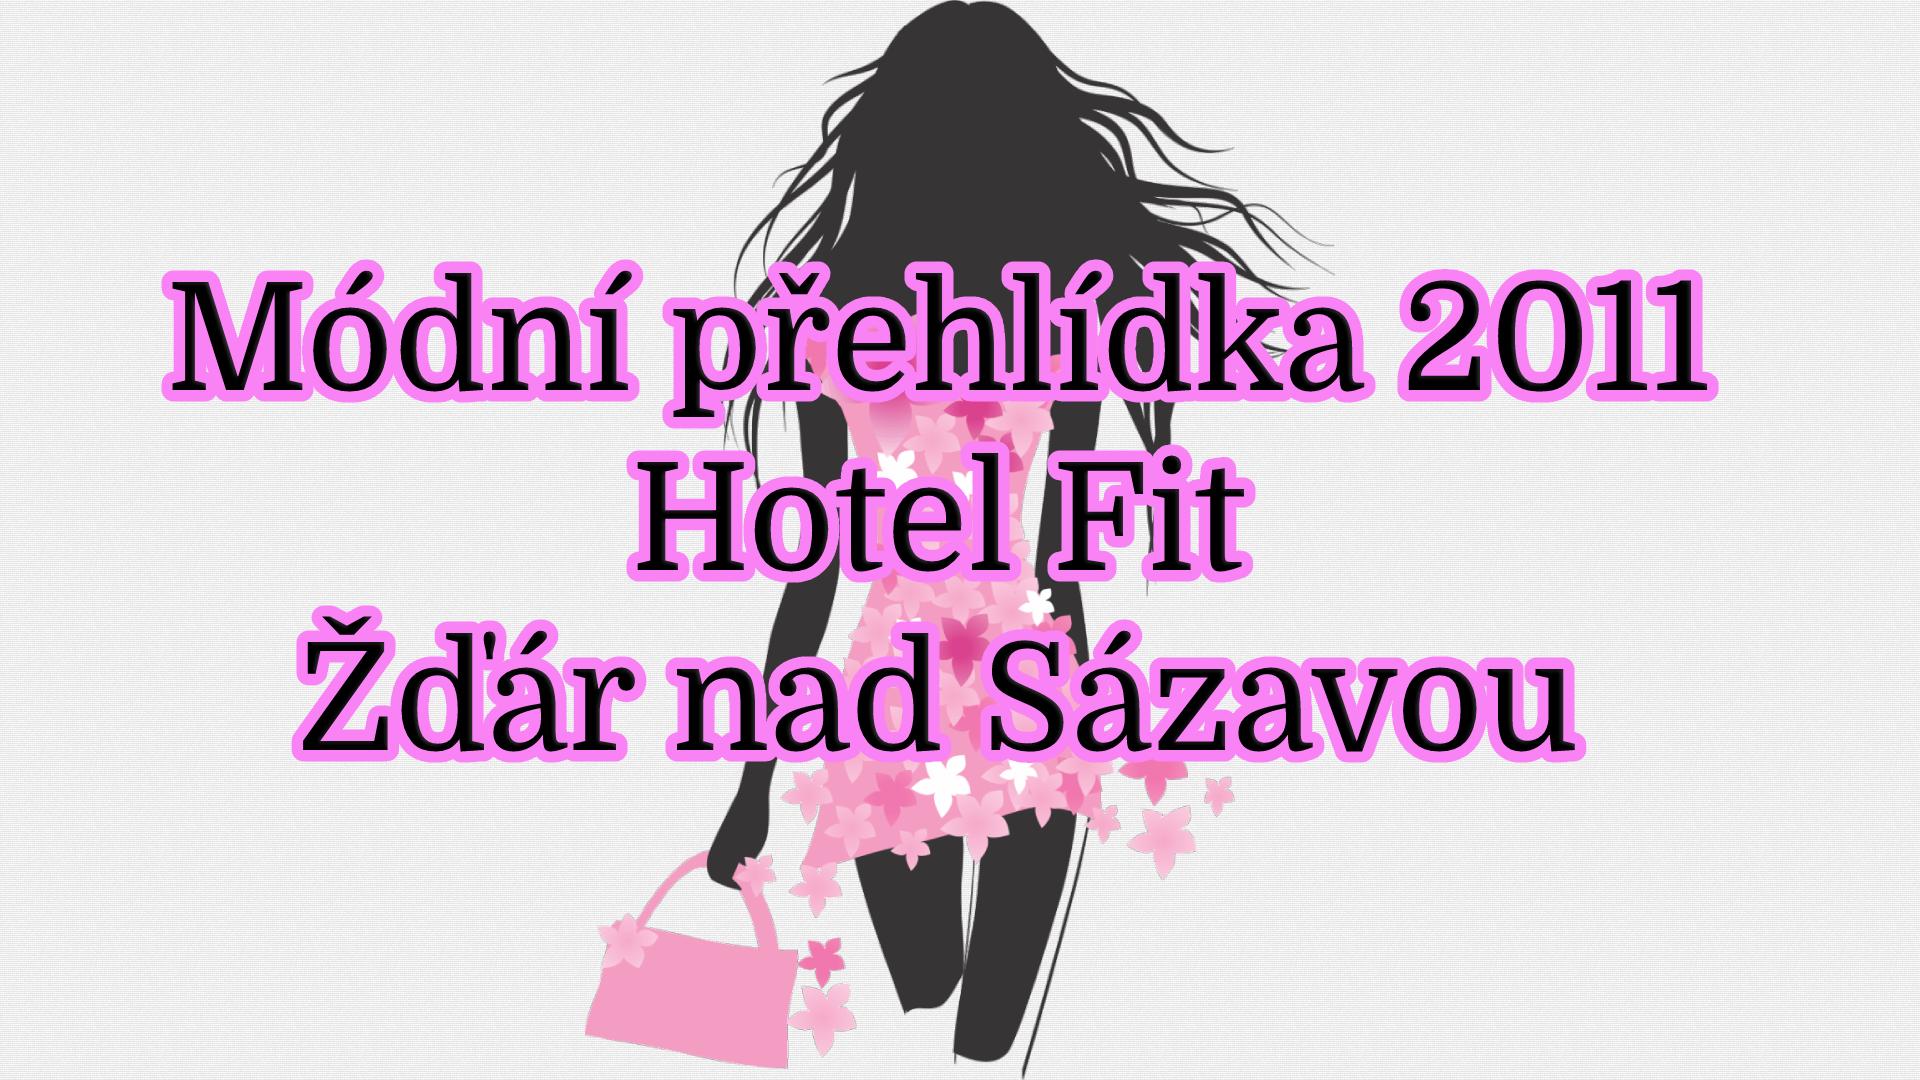 Módní přehlídka 2011 - Hotel Fit Žďár nad Sázavou